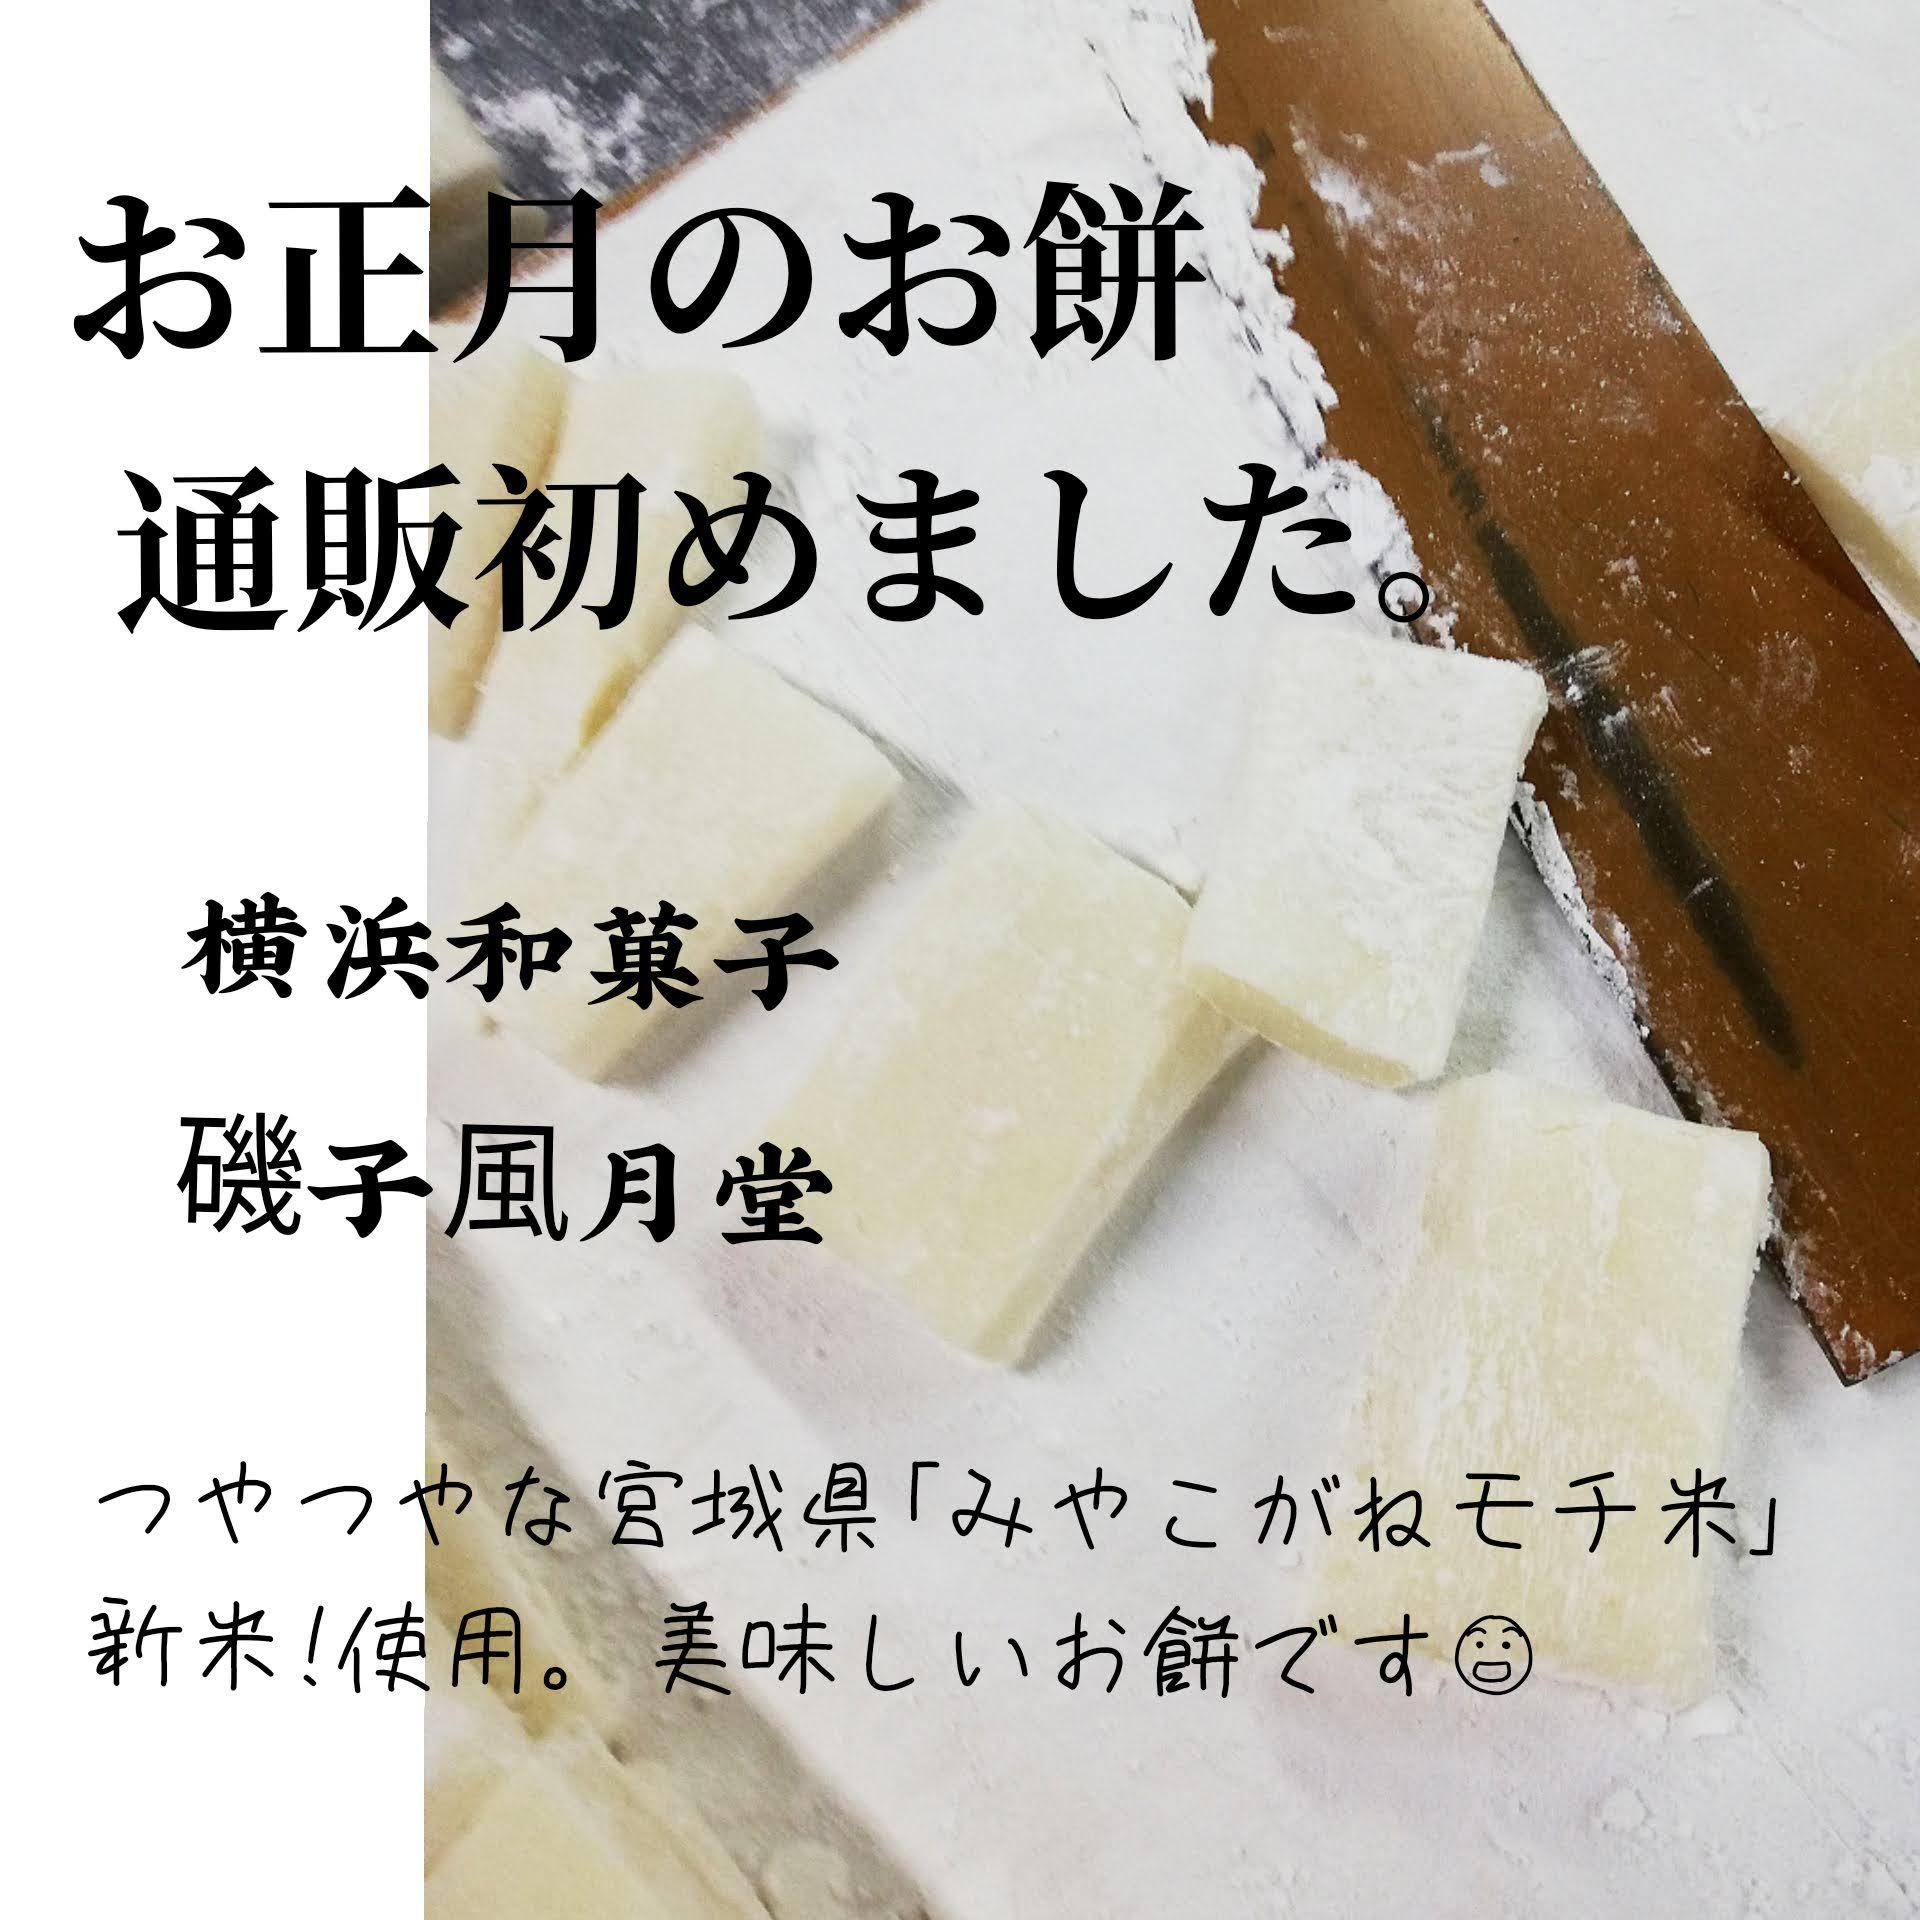 お正月のお餅 通販を始めました 横浜和菓子 磯子風月堂_e0092594_19570831.jpg